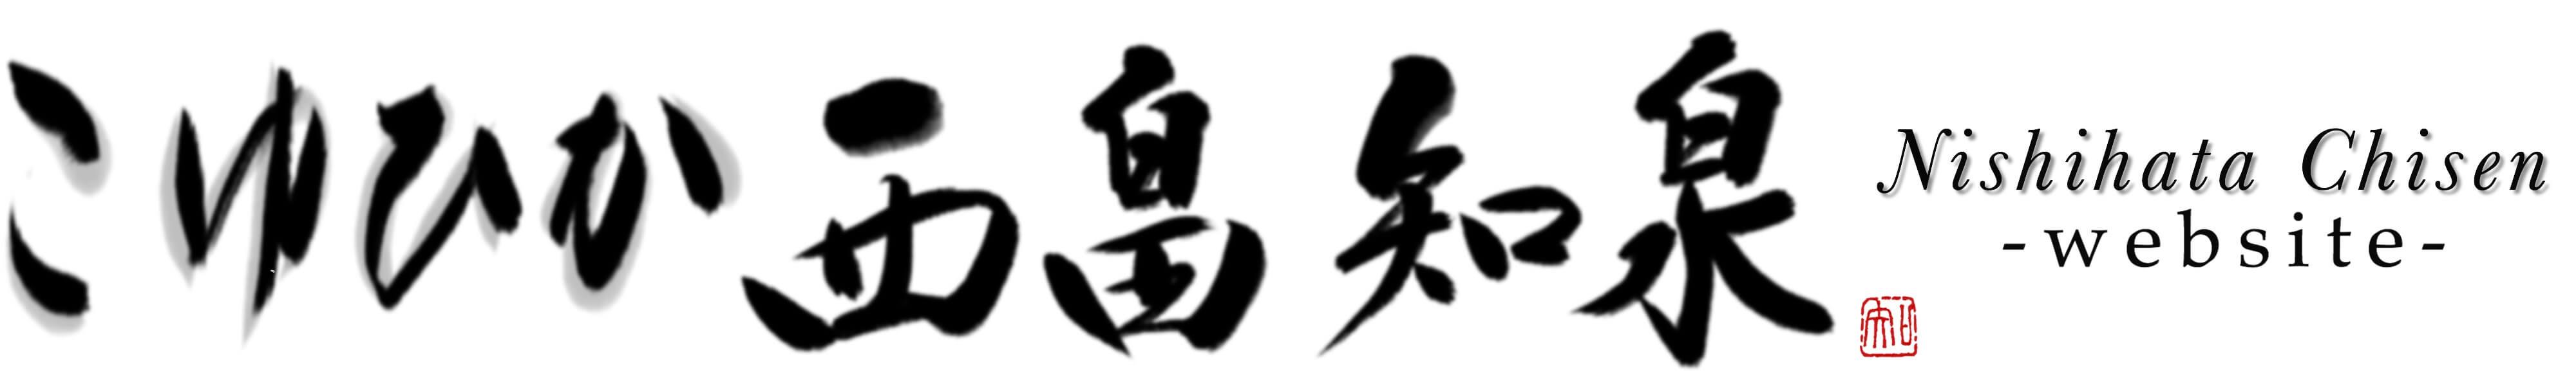 こゆひか 西畠知泉 -koyuhika nishihata chisen website-